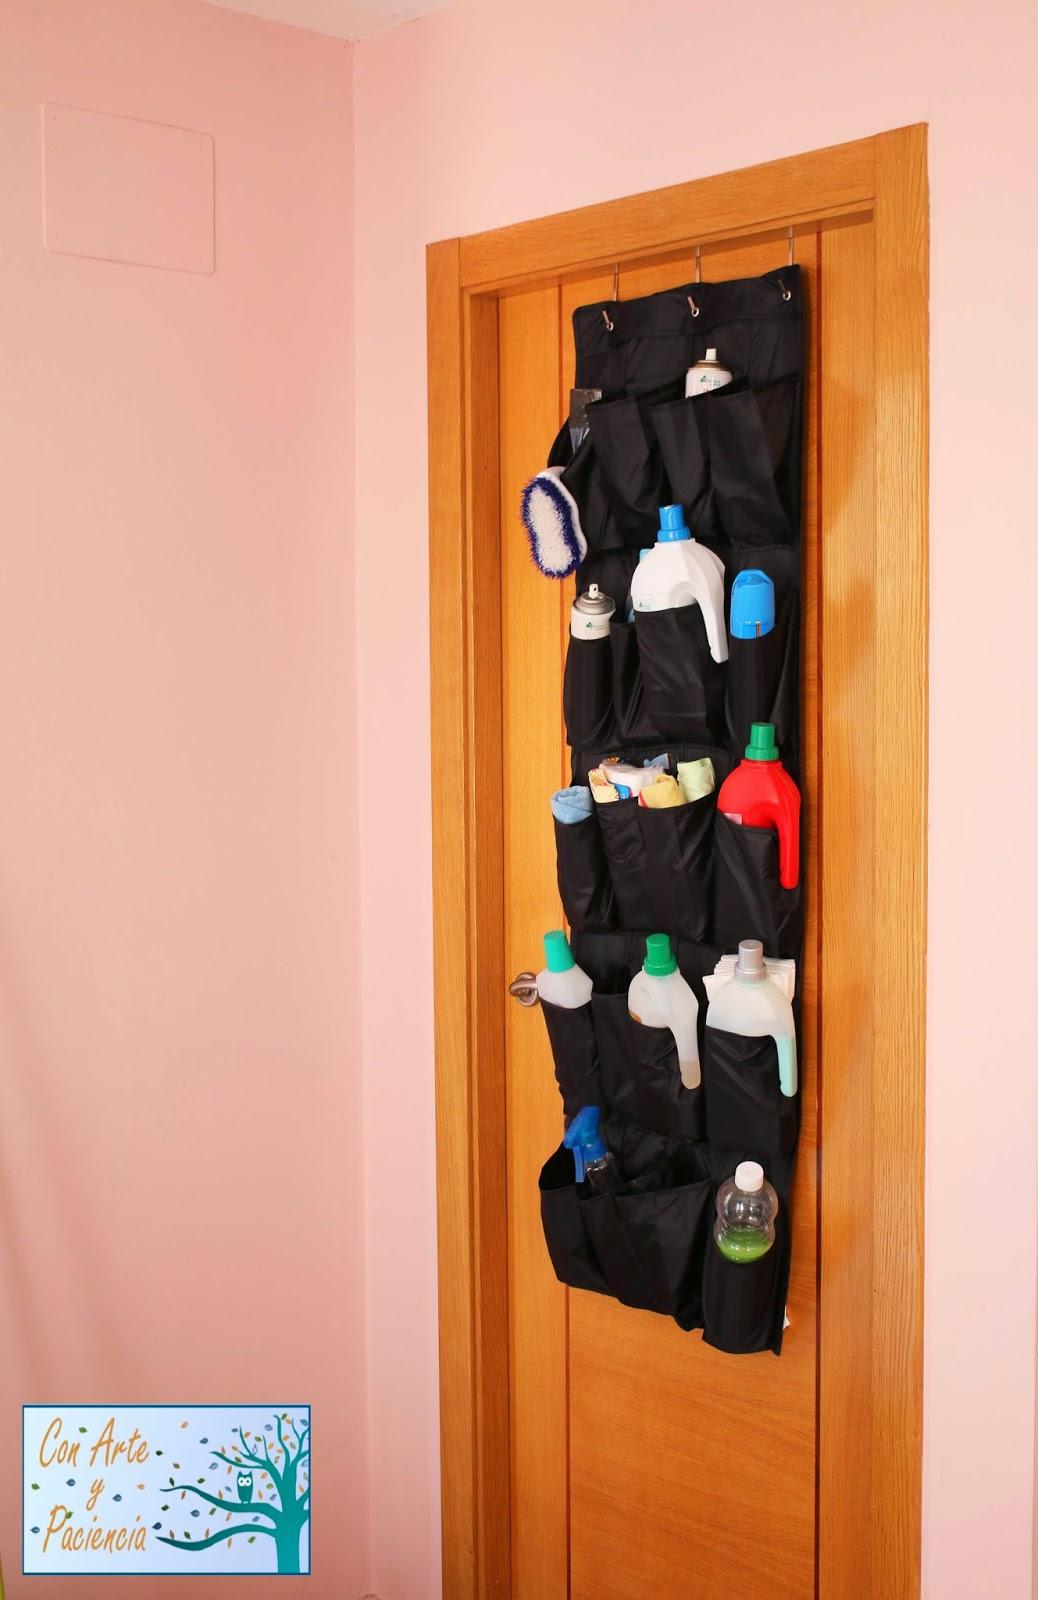 zapatero,tela,ordenar,almacenar,tidy,storage